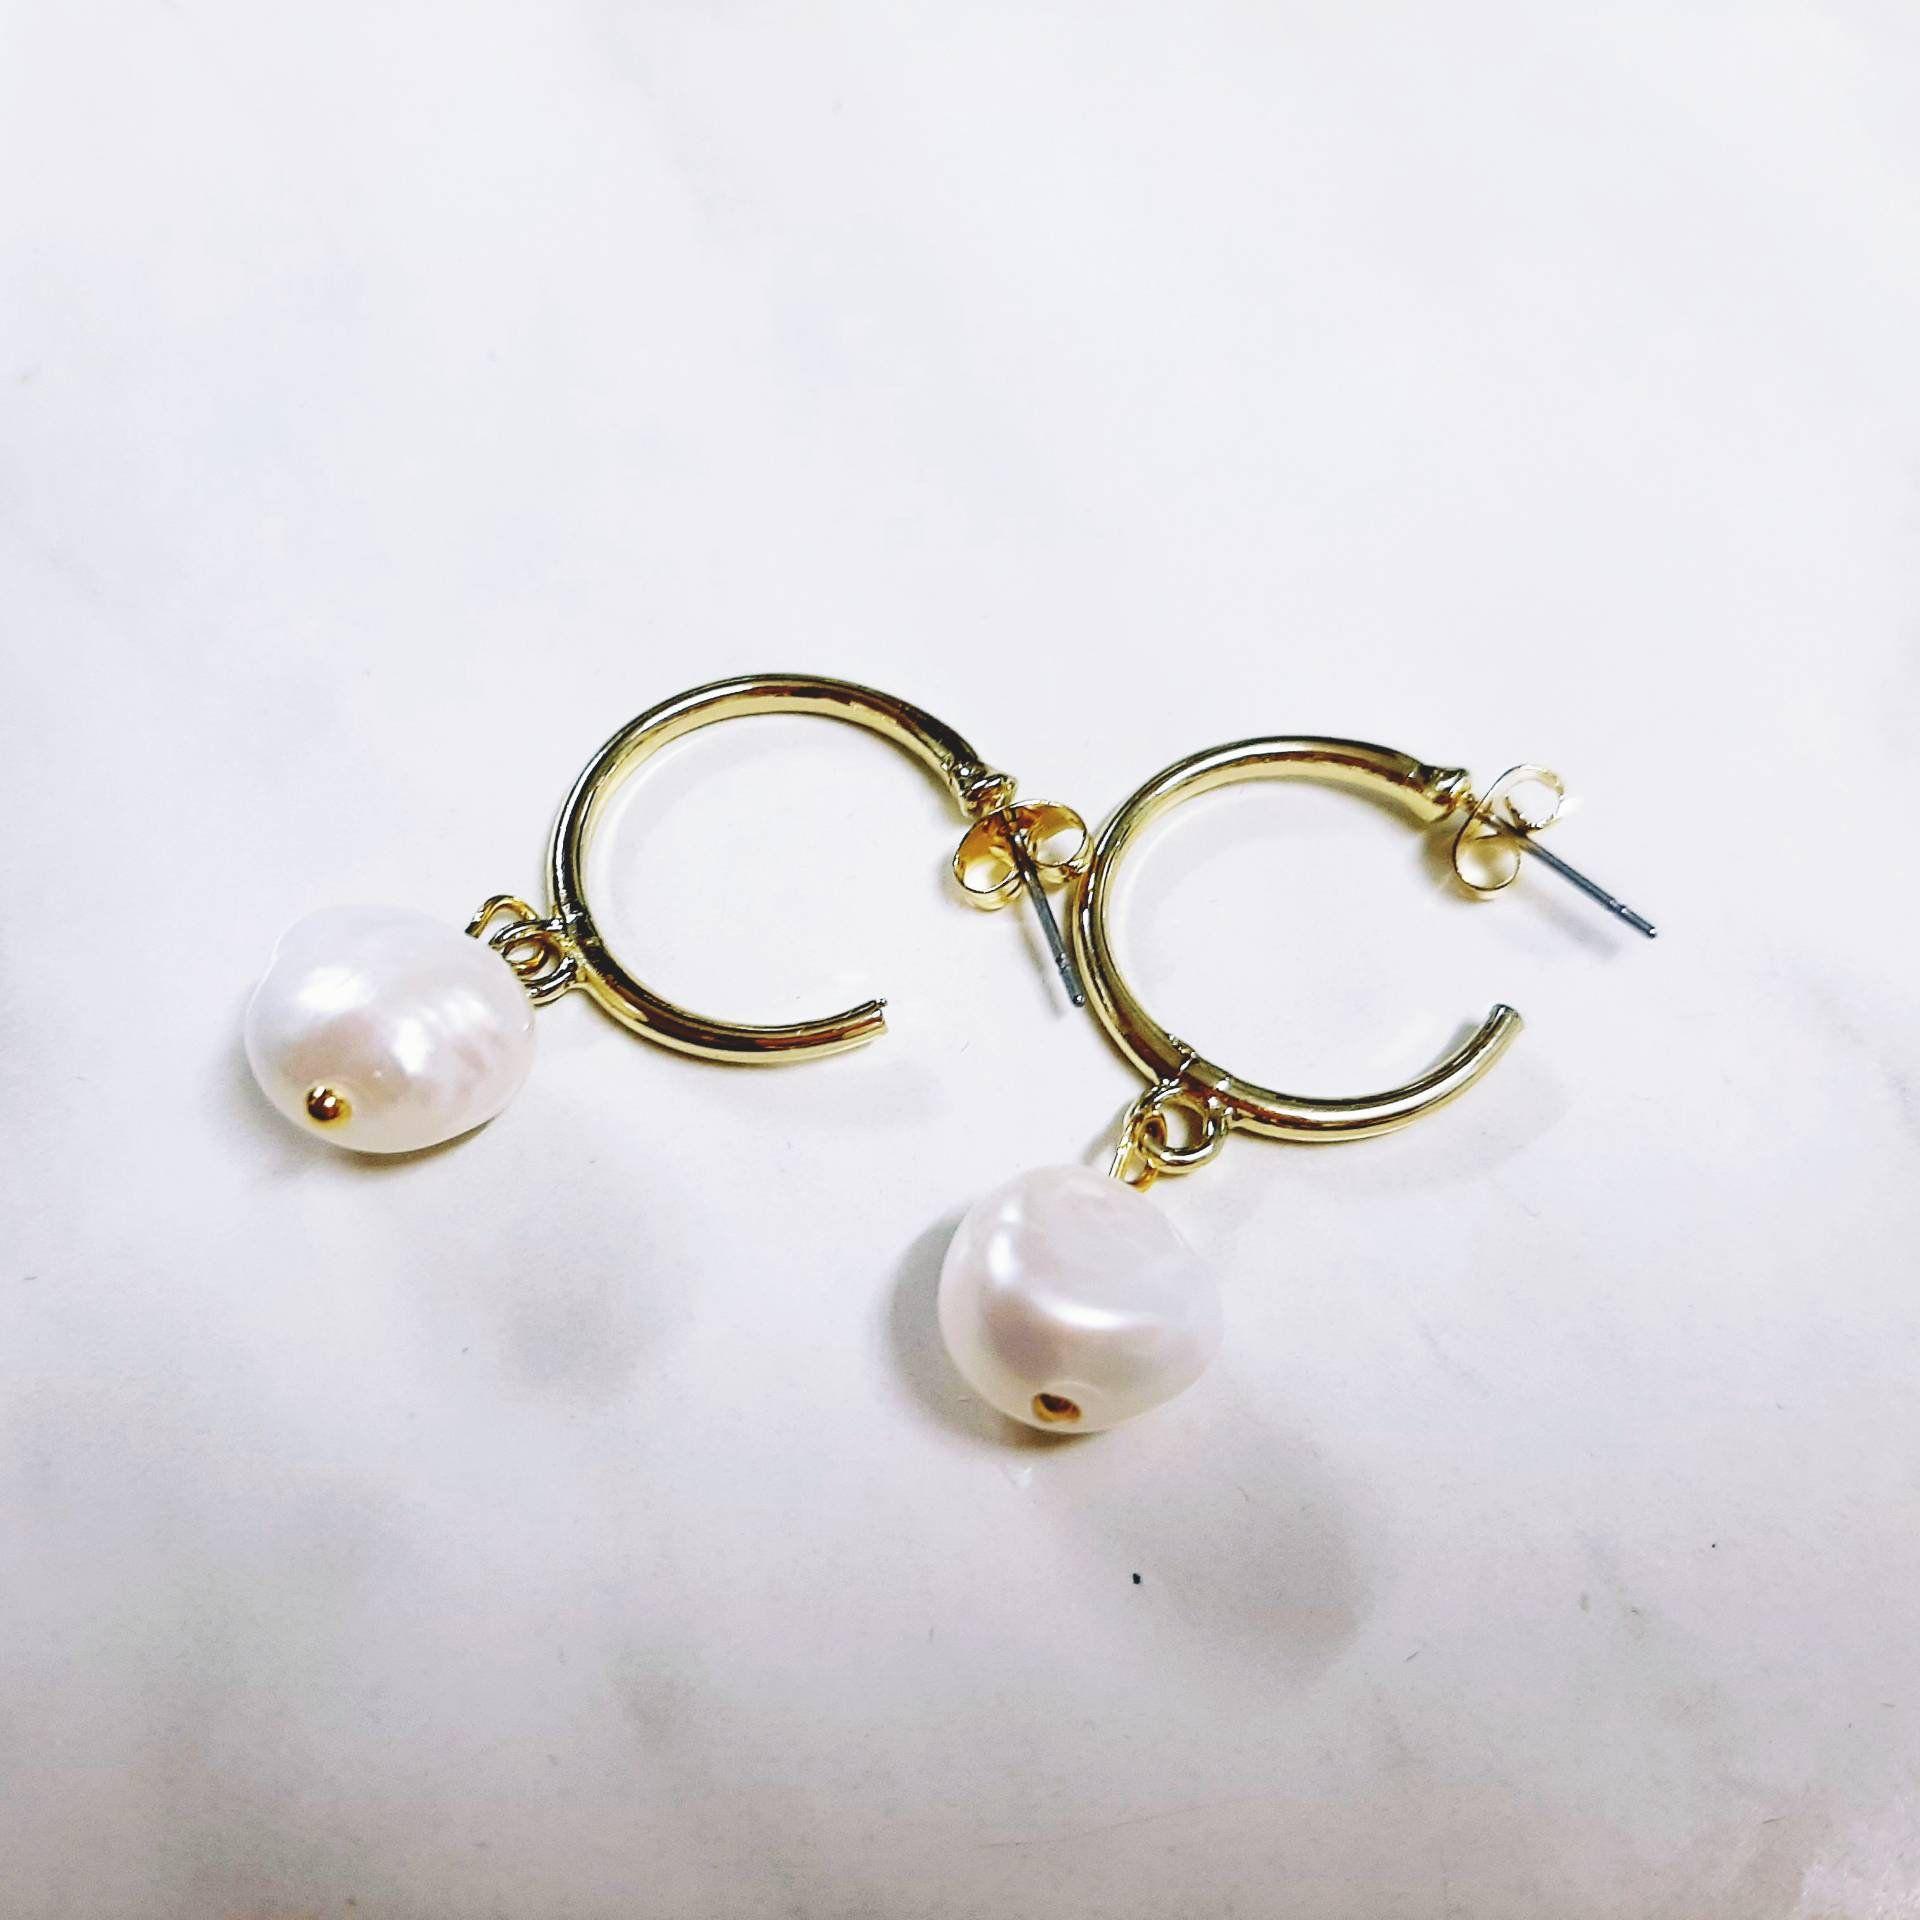 stud gold pearl earrings geometric earrings dangle pearl earrings gift for her Greek jewelry gift for wife Wedding pearl earrings